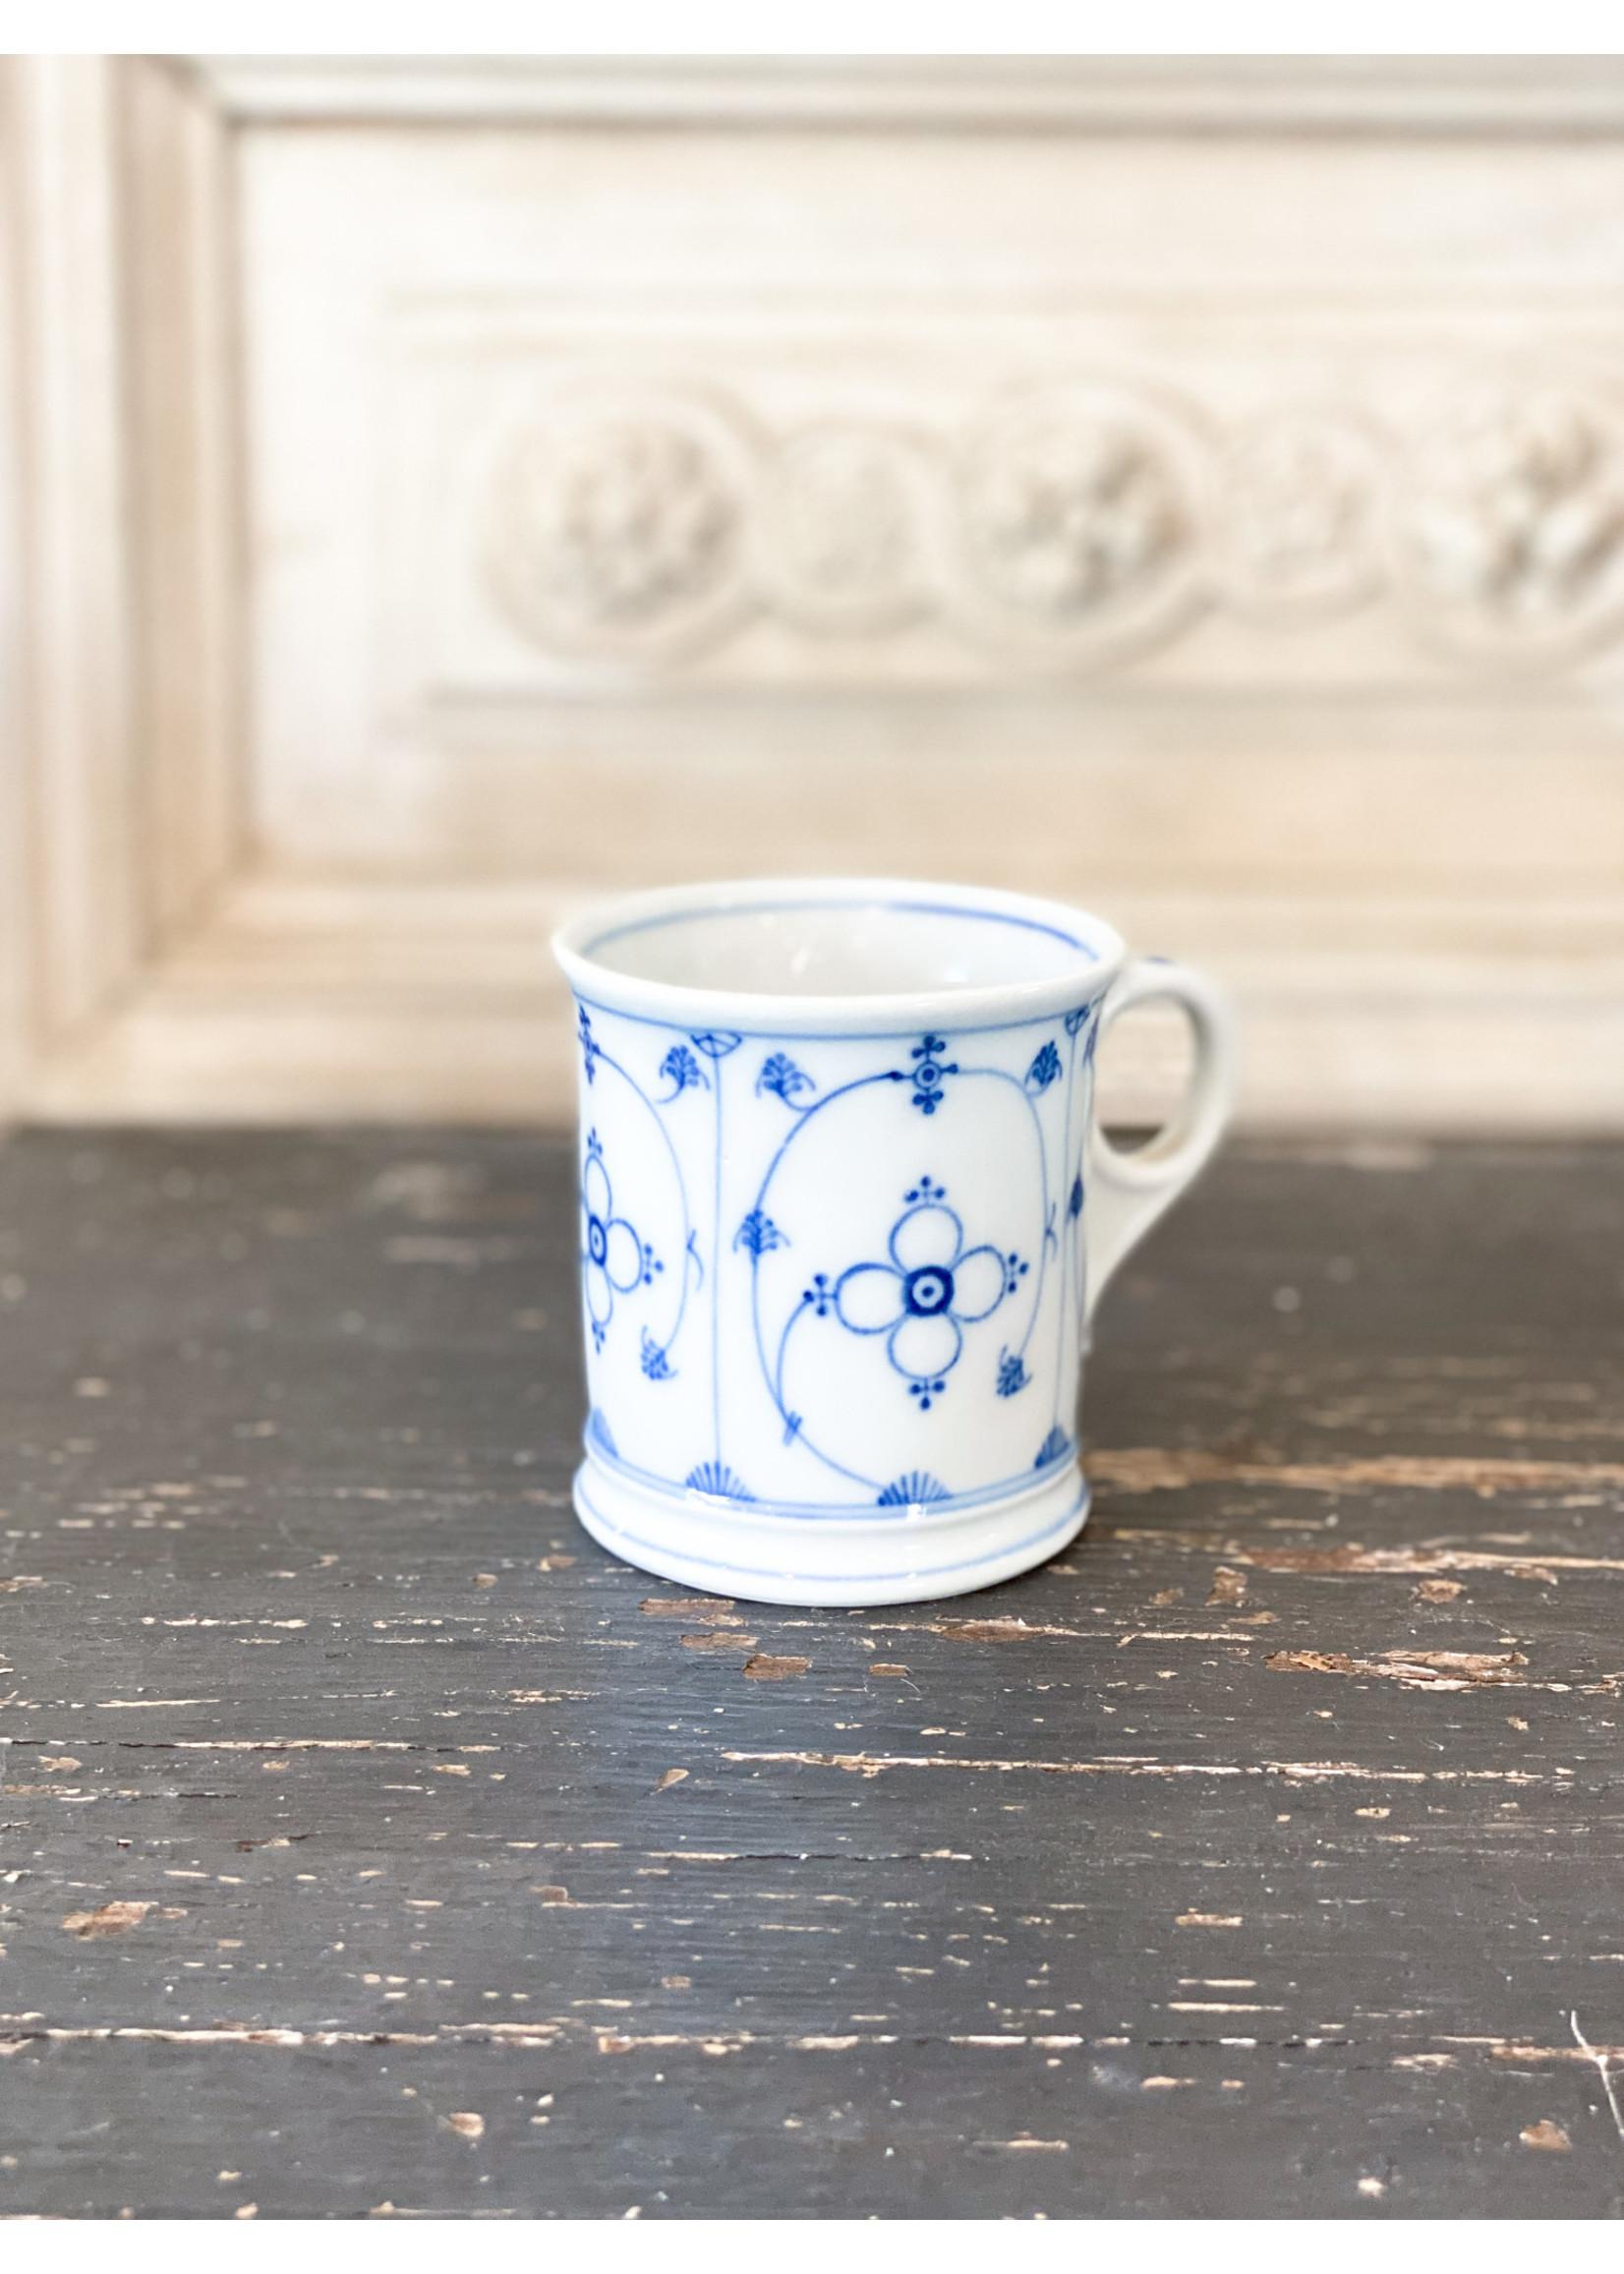 Antique Antique Blue & White Mug